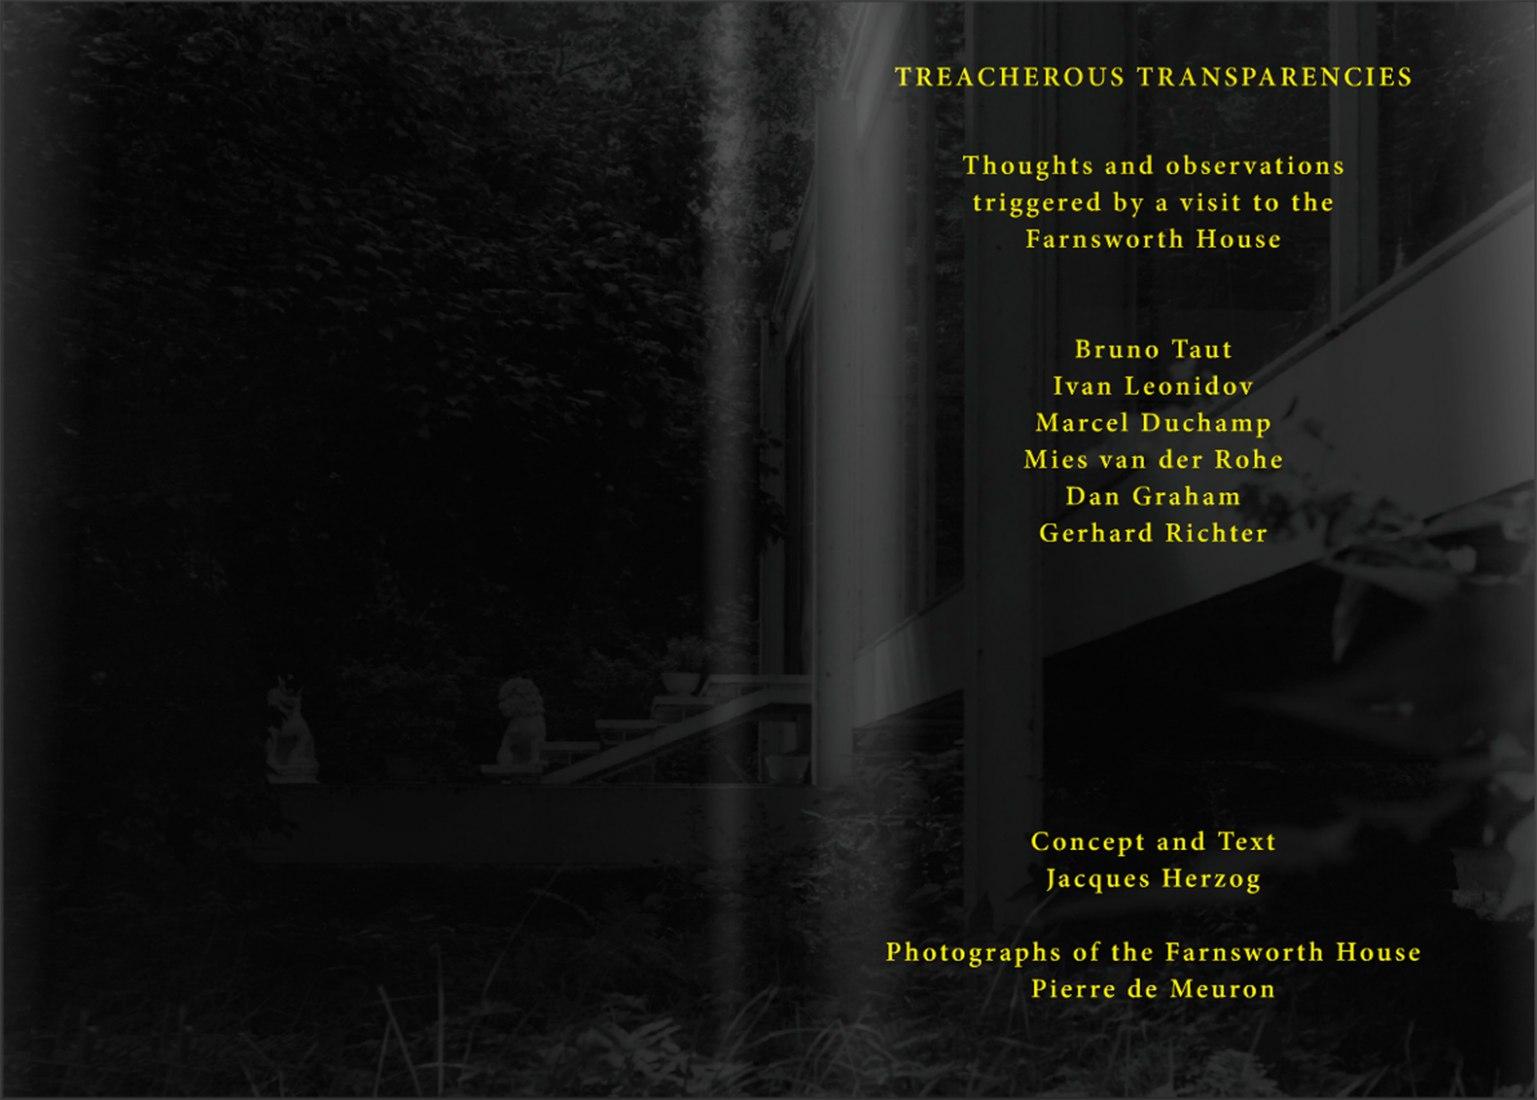 Inner pages of Treacherous Transparencies by Jacques Herzog y Pierre de Meuron.